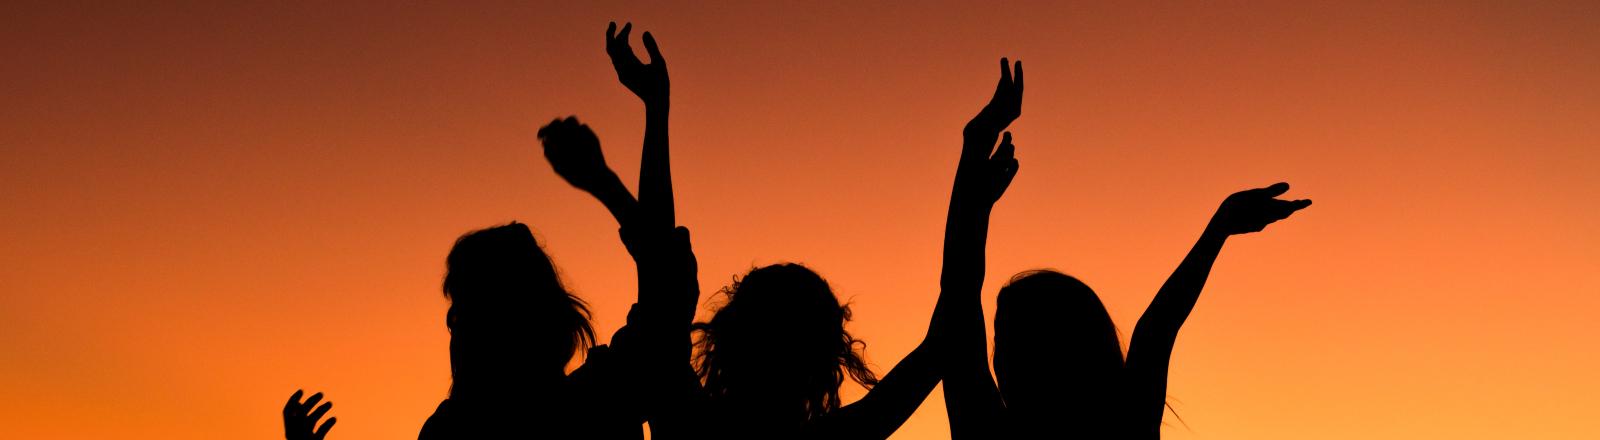 Drei Frauen tanzen.